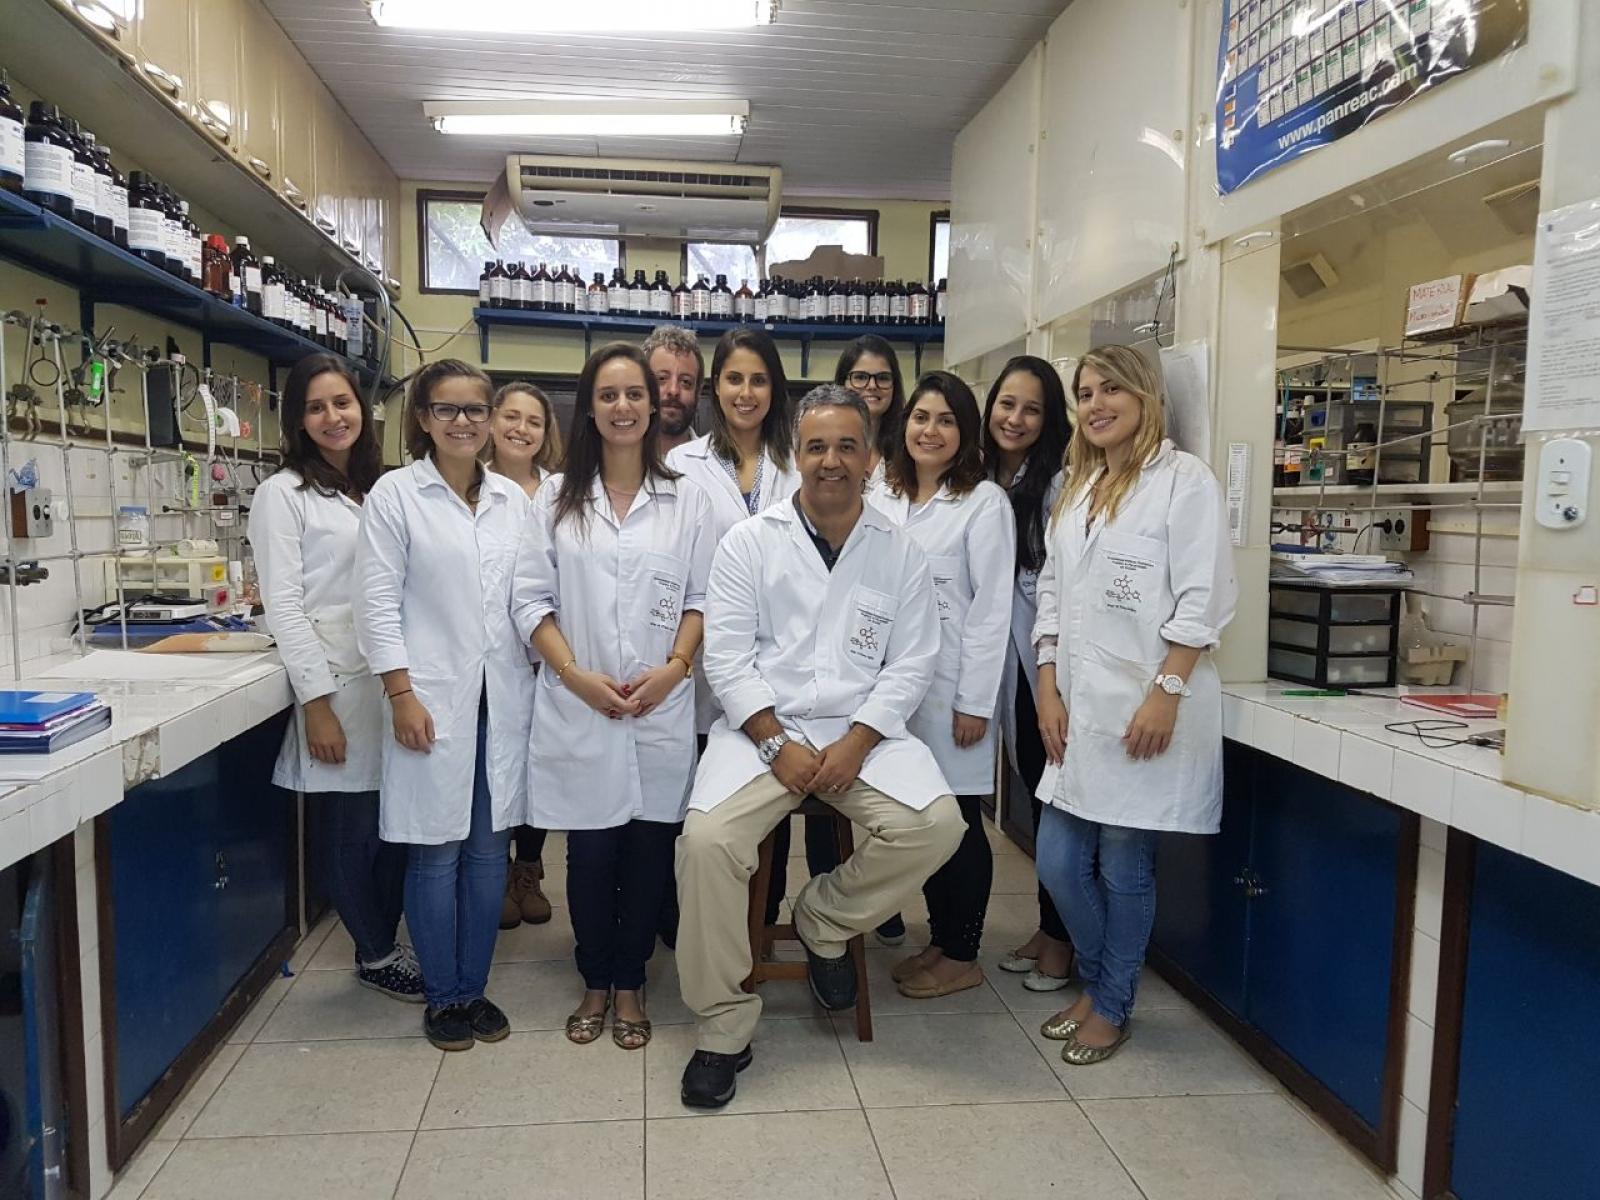 foto da equipe no laboratório